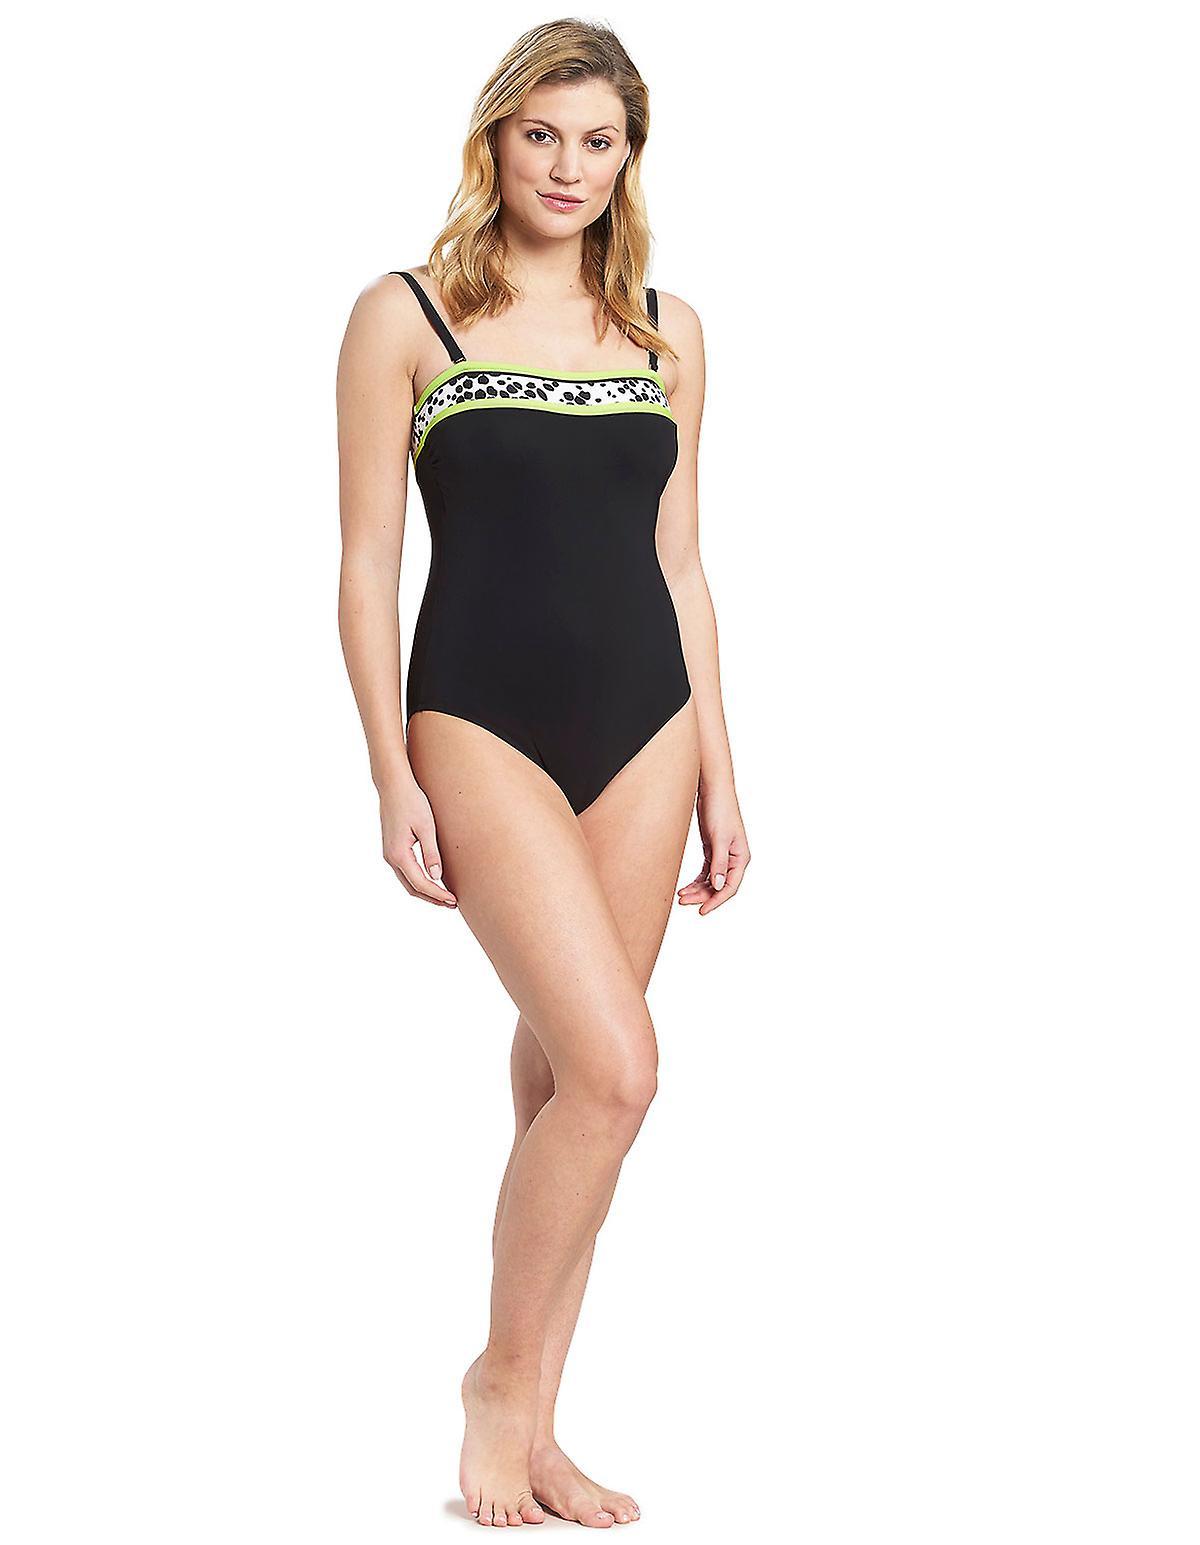 Feraud 3195305-10995 Voyage Femme Costume Noir Non-Wirouge Costume One Piece Maillot de bain